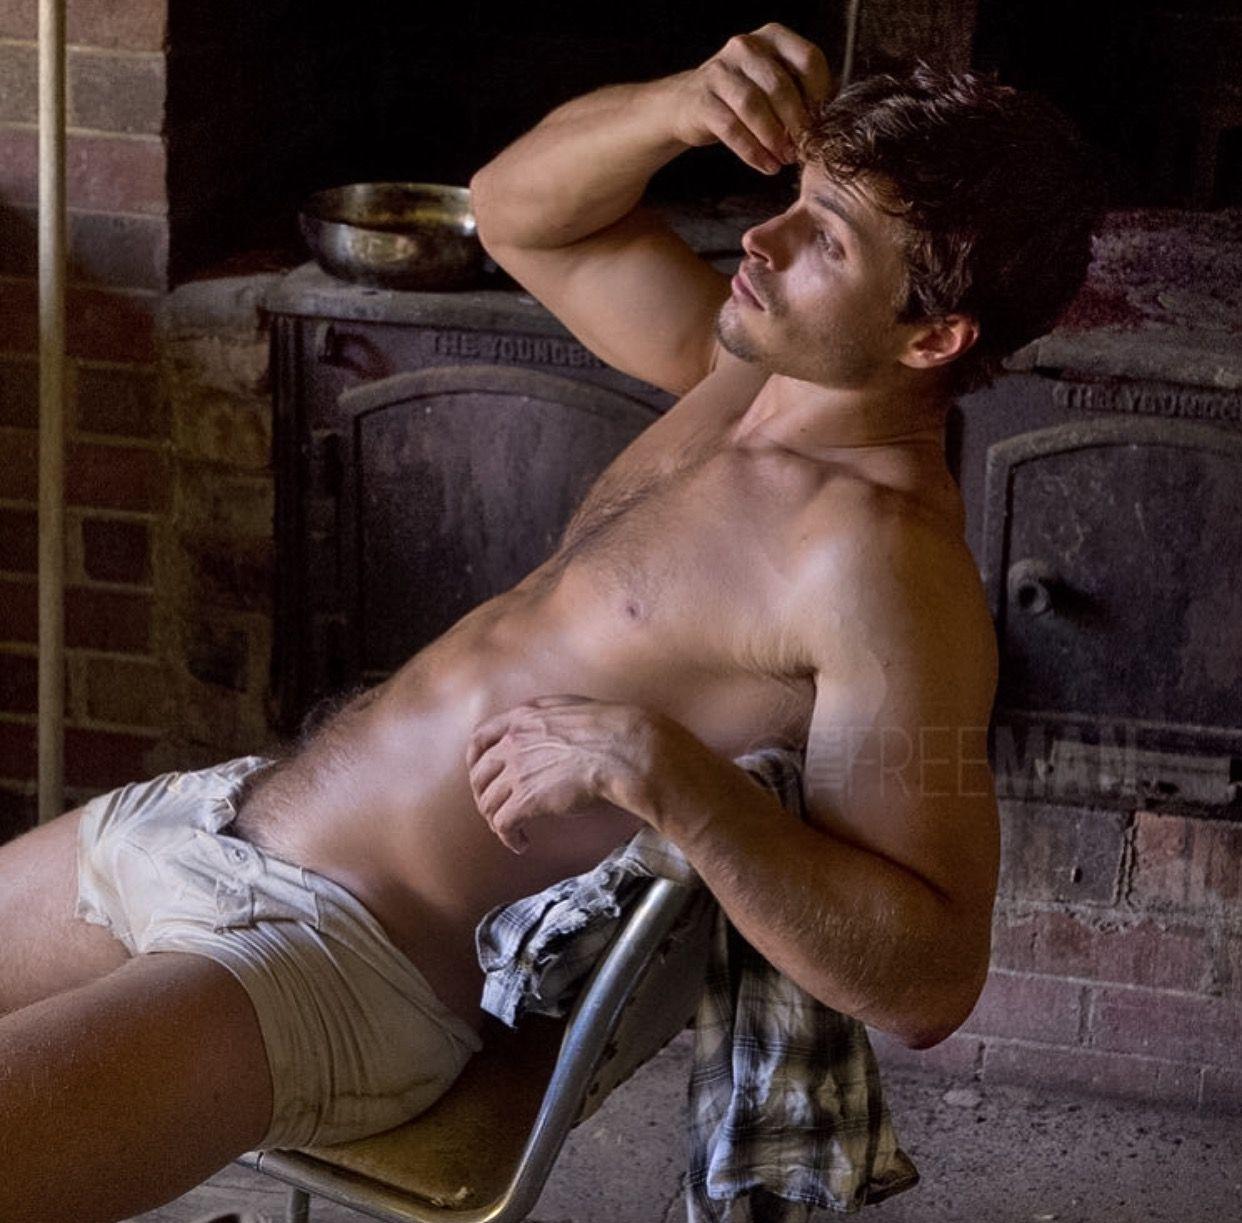 Brandy Martignago gay hot daddy dude men porn str8